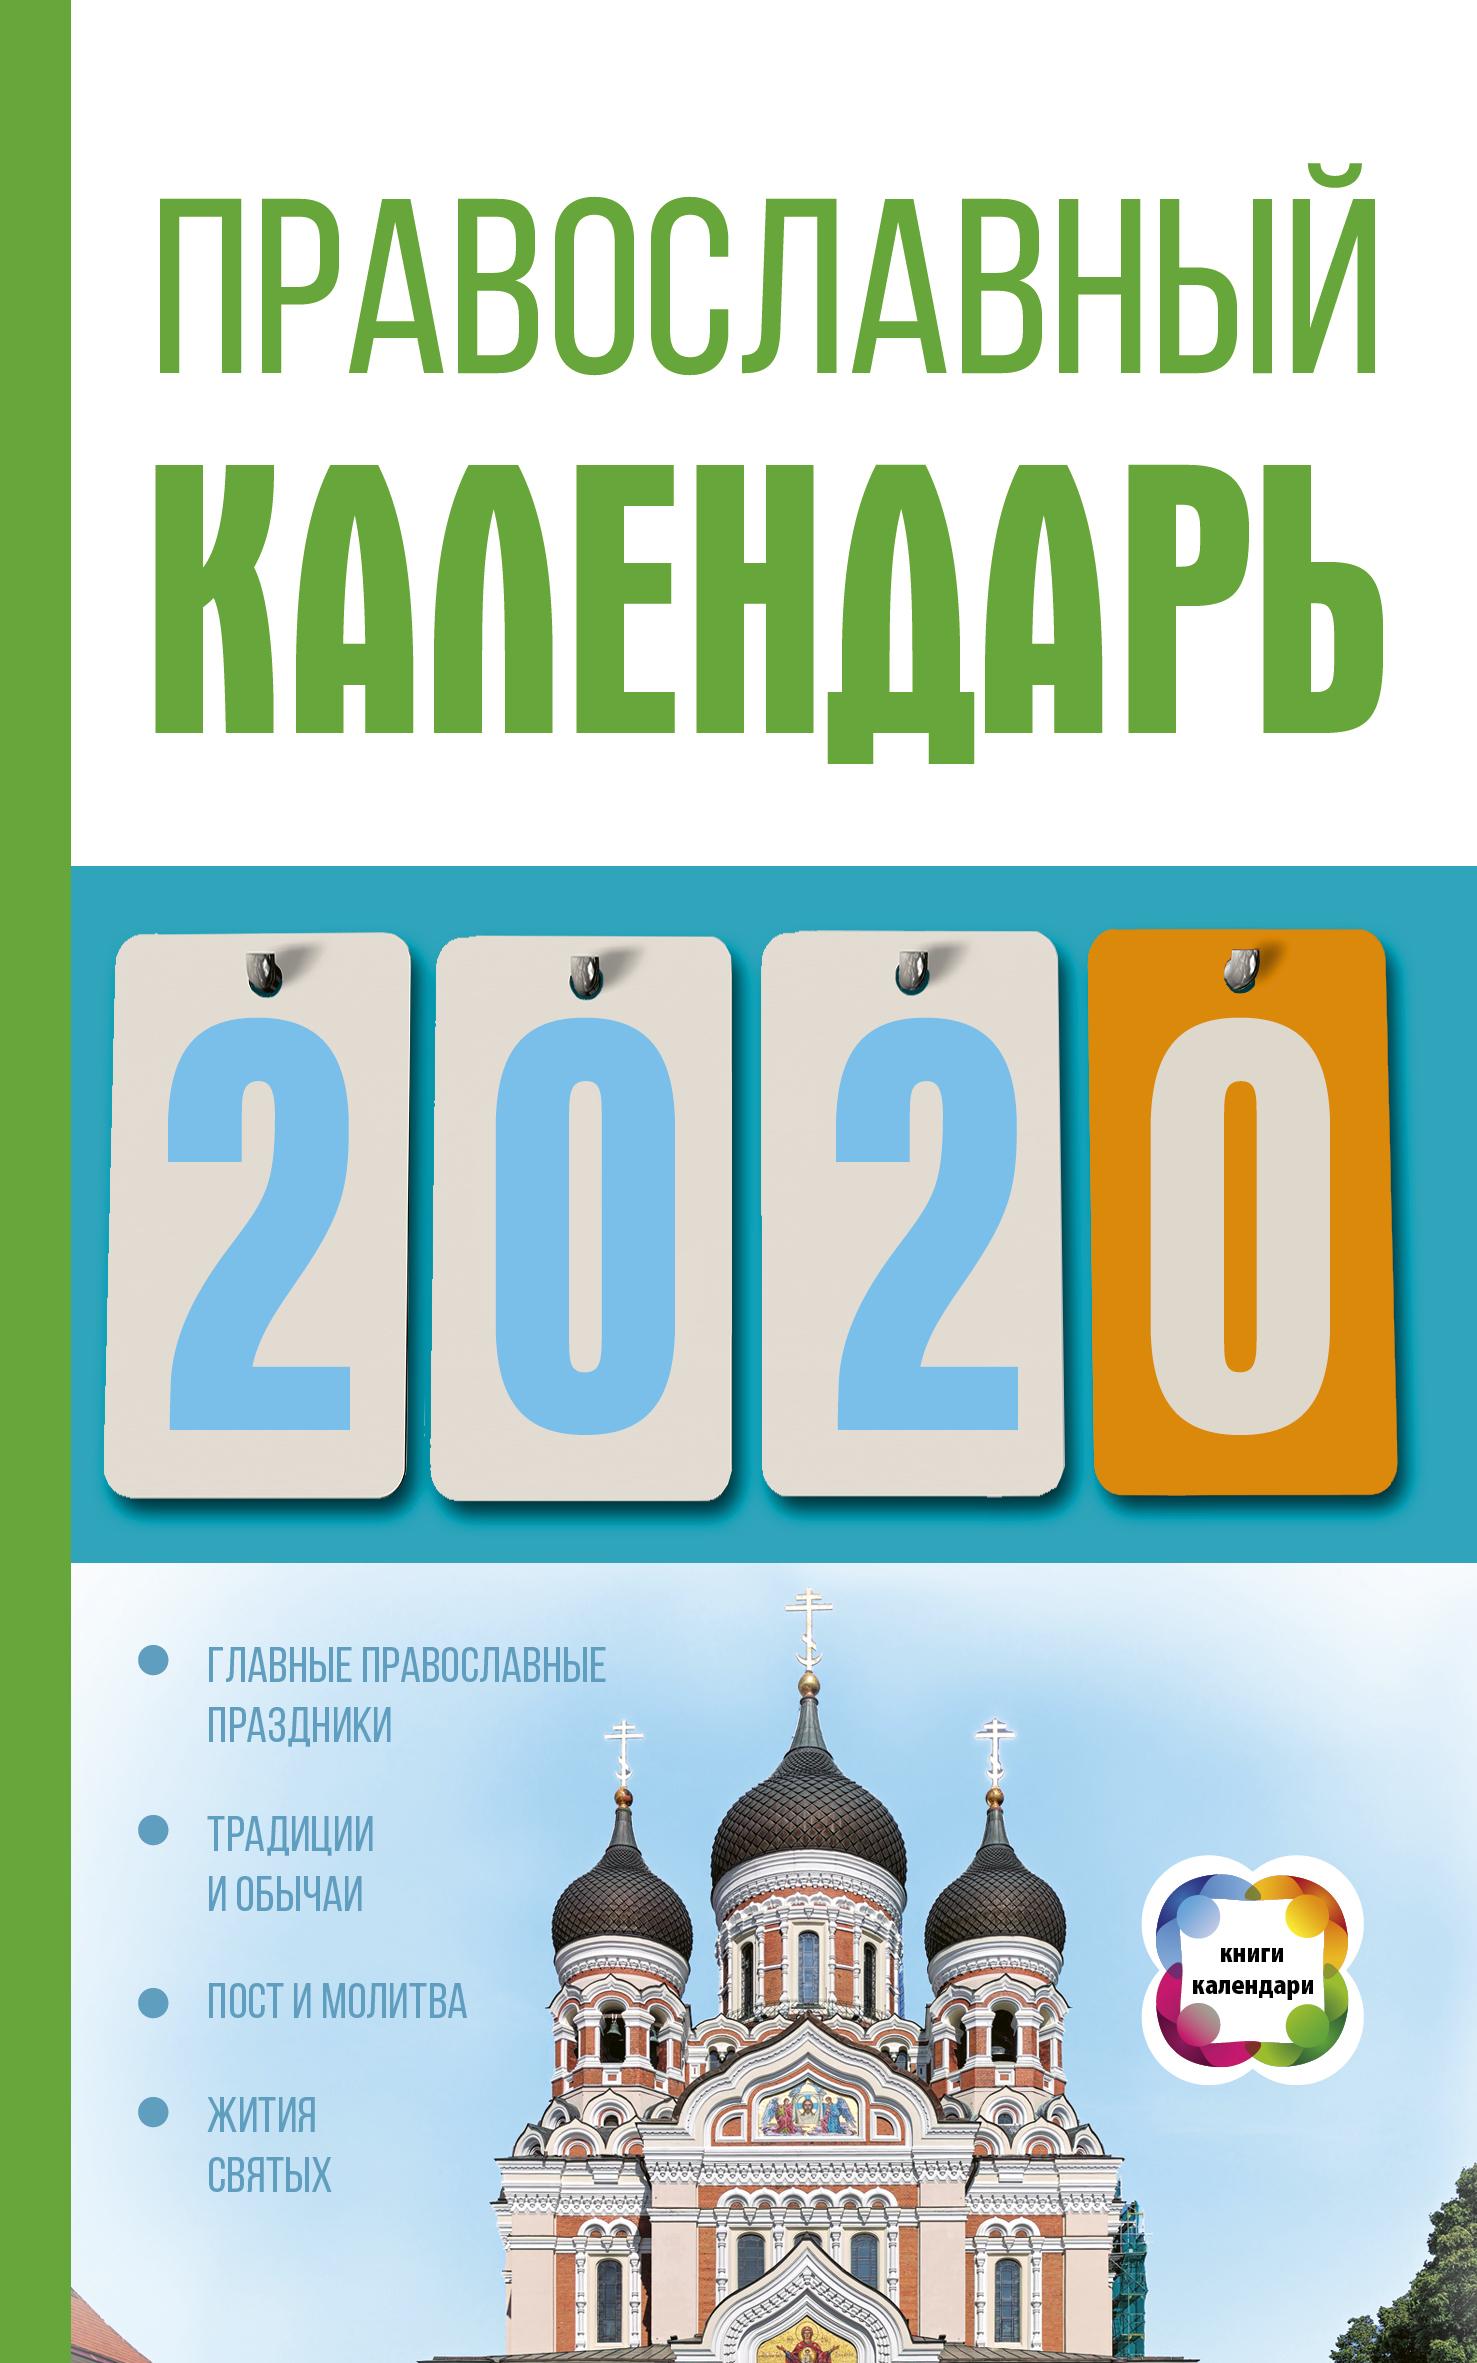 Хорсанд Д.В. Православный календарь на 2020 год калинина м календарь православных праздников на 2016 год